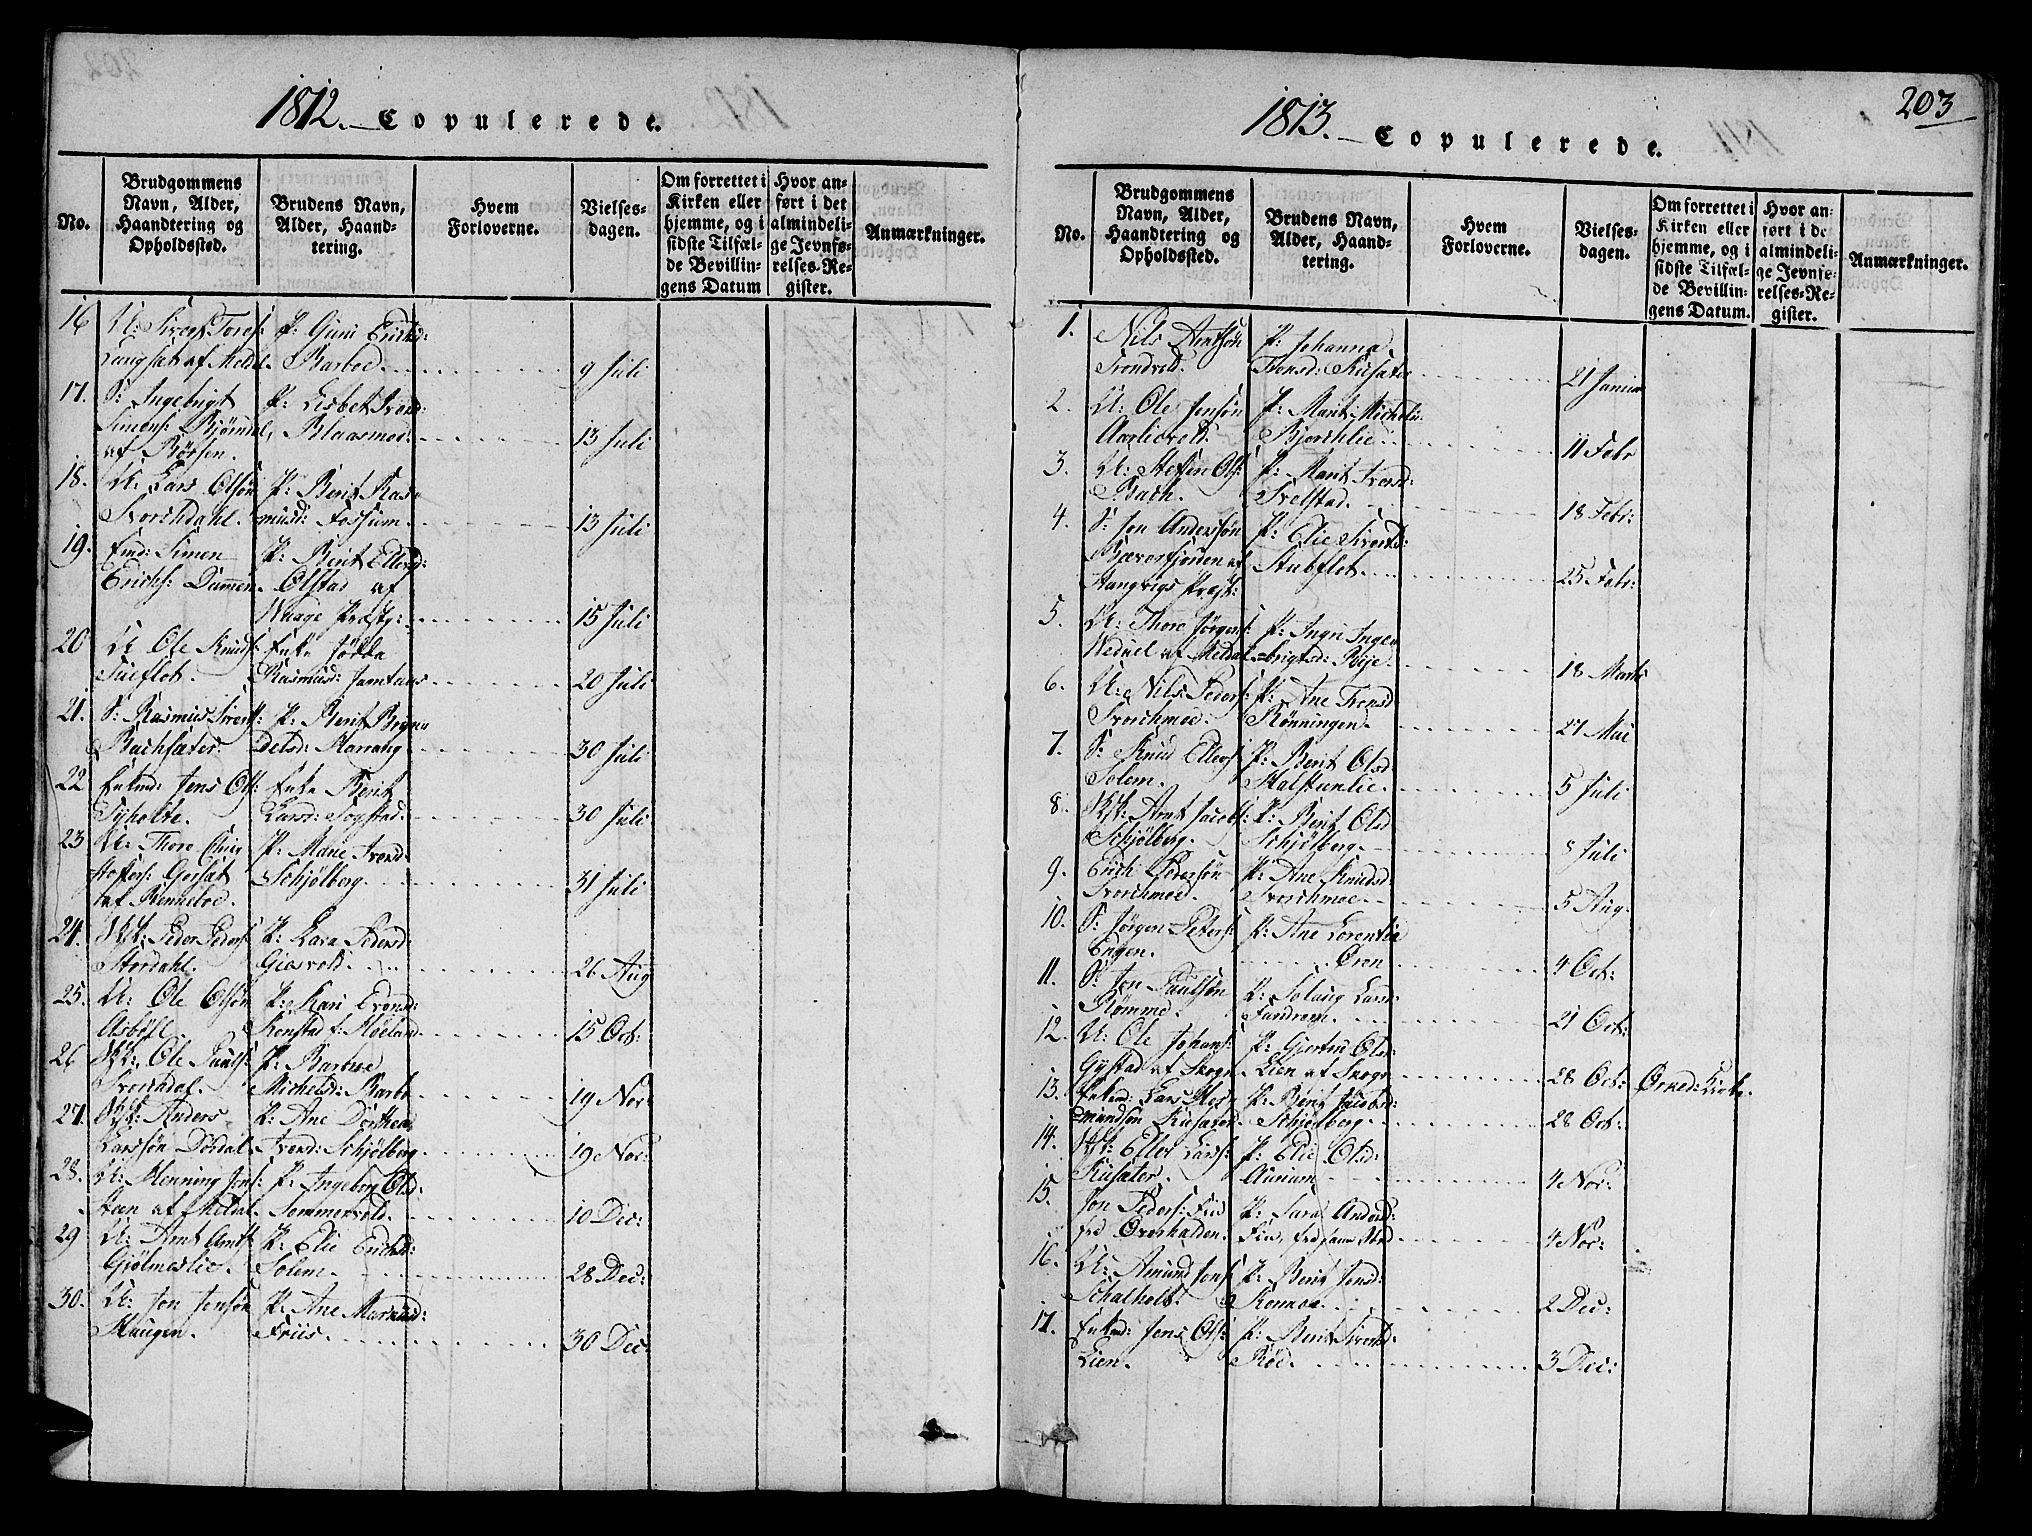 SAT, Ministerialprotokoller, klokkerbøker og fødselsregistre - Sør-Trøndelag, 668/L0803: Ministerialbok nr. 668A03, 1800-1826, s. 203